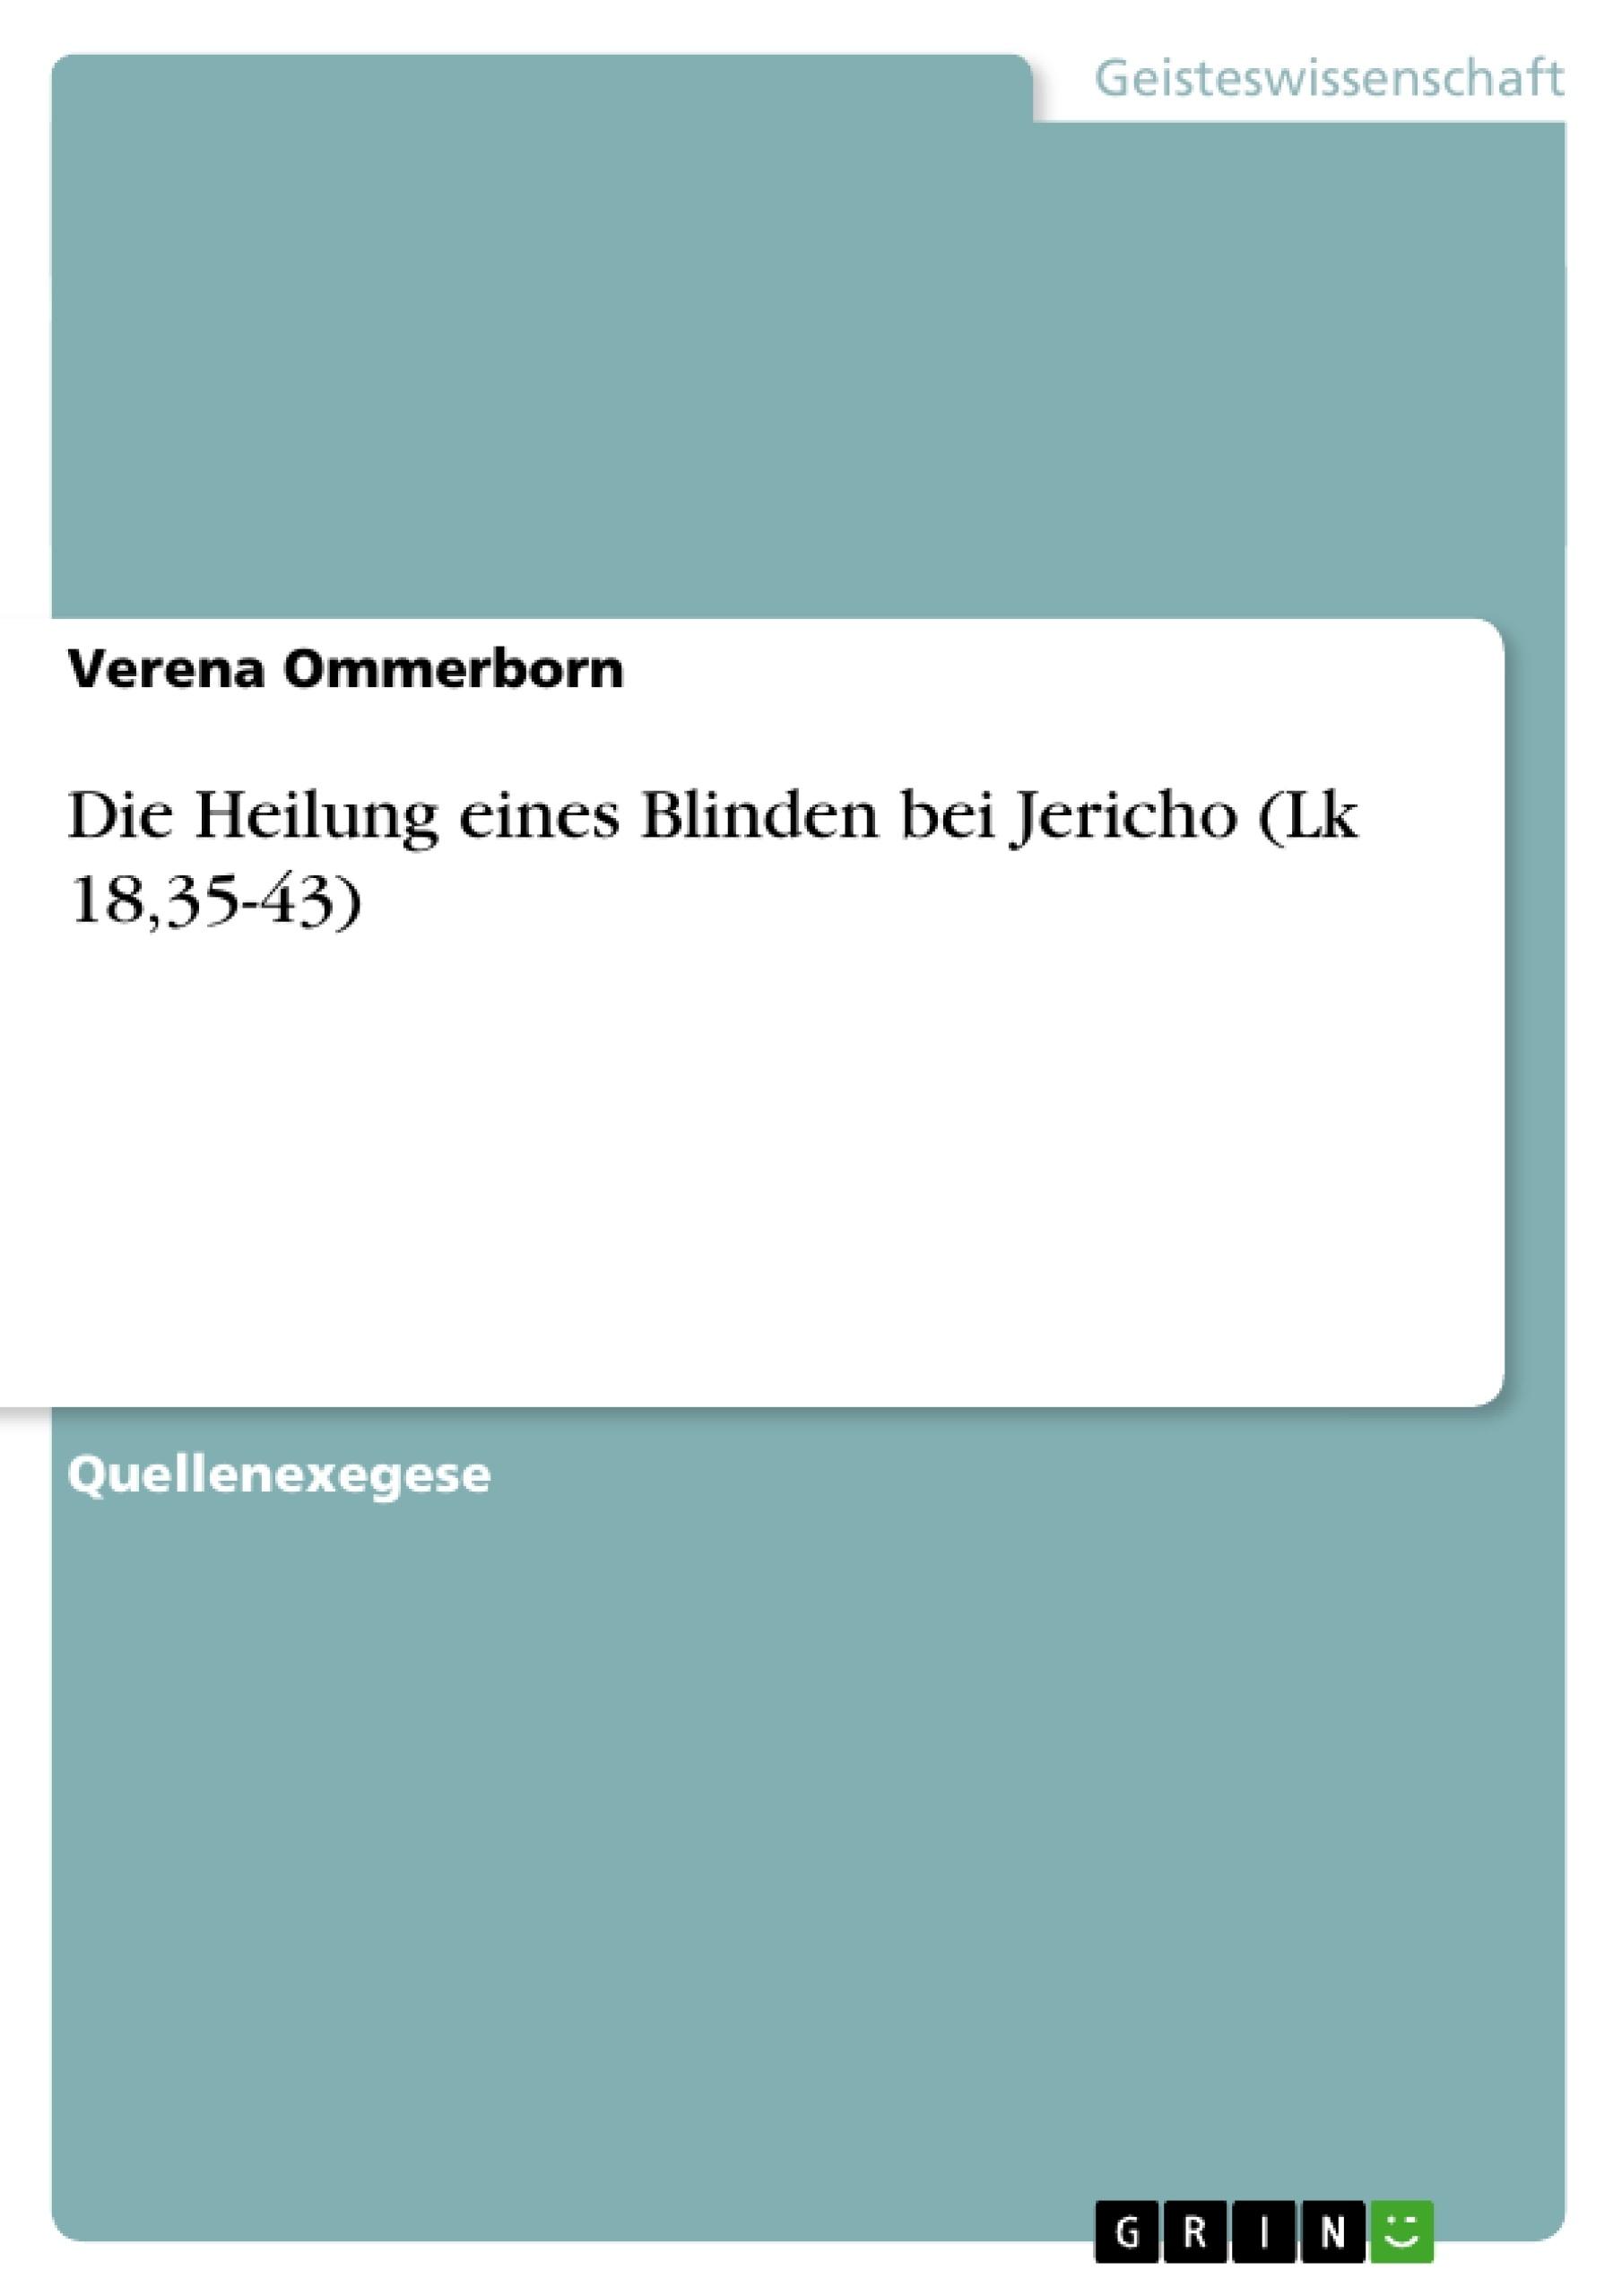 Titel: Die Heilung eines Blinden bei Jericho (Lk 18,35-43)